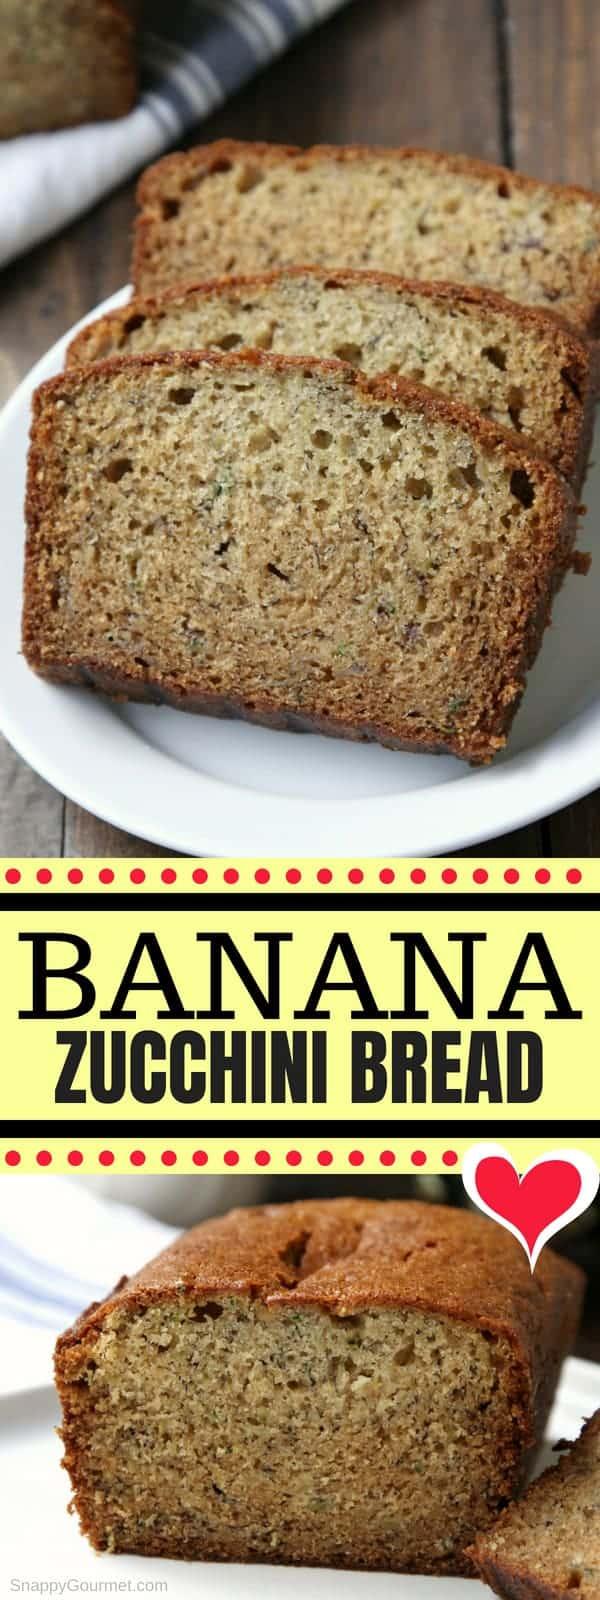 Banana Zucchini Bread - easy zucchini bread recipe